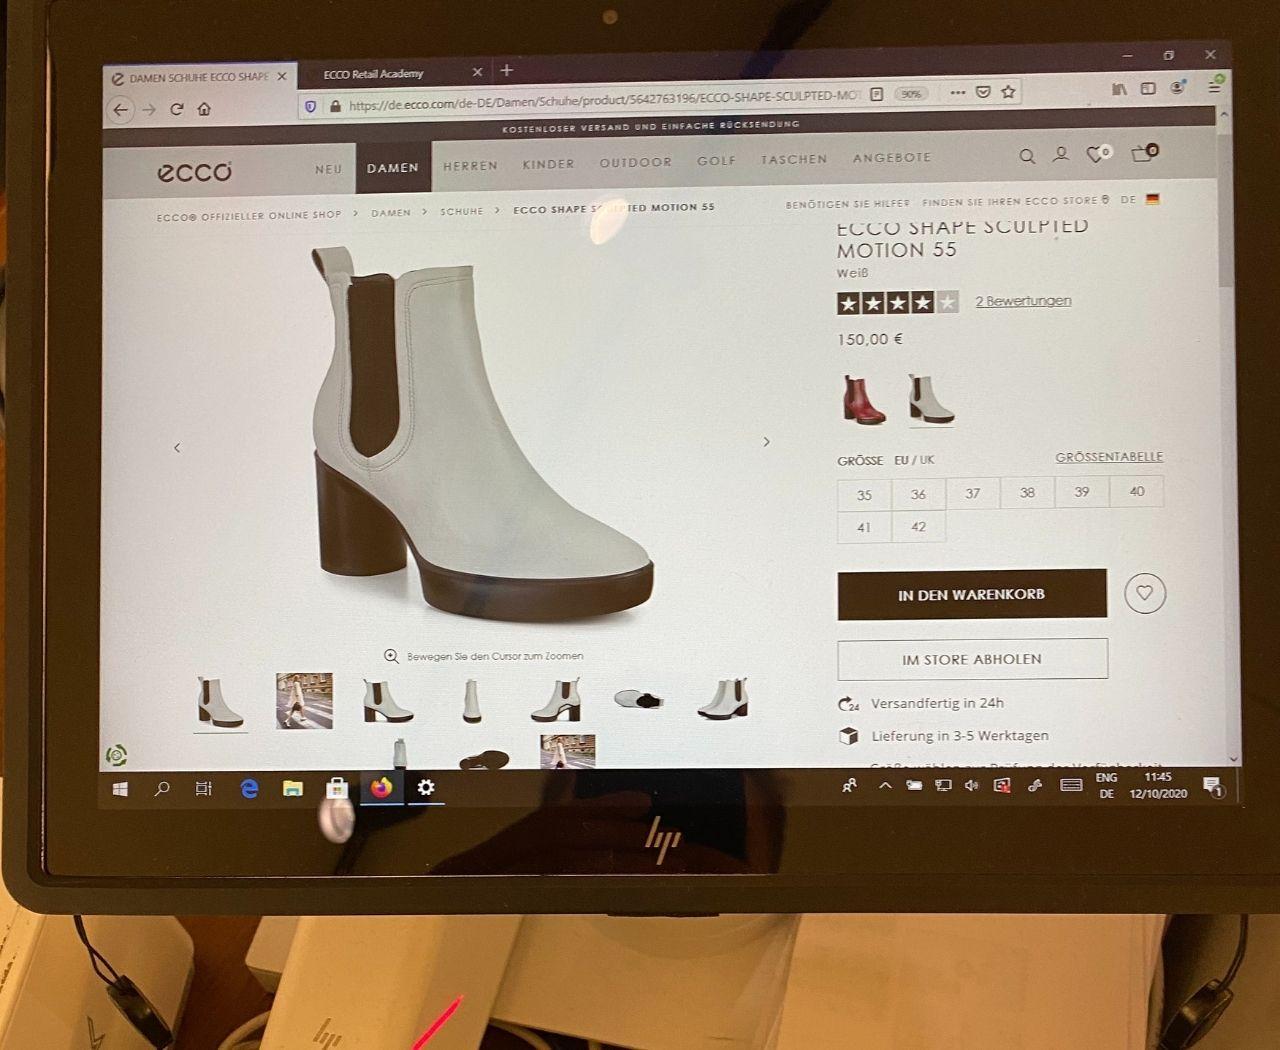 Bei Ecco sind vollständige Produktinformation leicht zugänglich